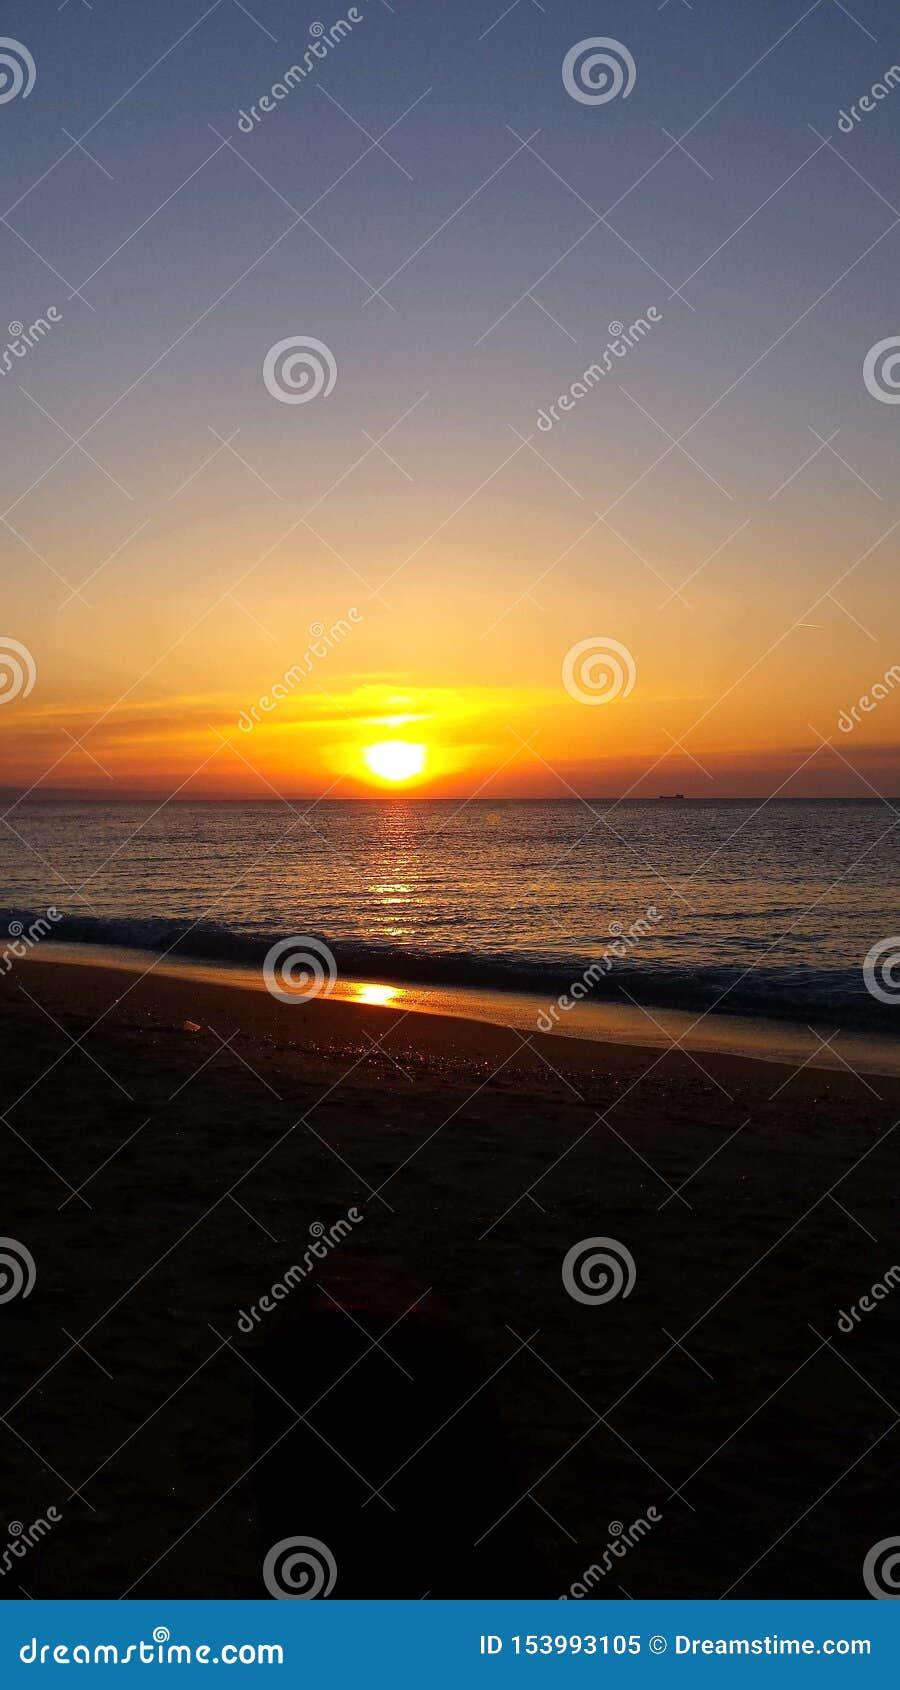 Wschód słońca i zaciszność, szczęśliwy i spokojny